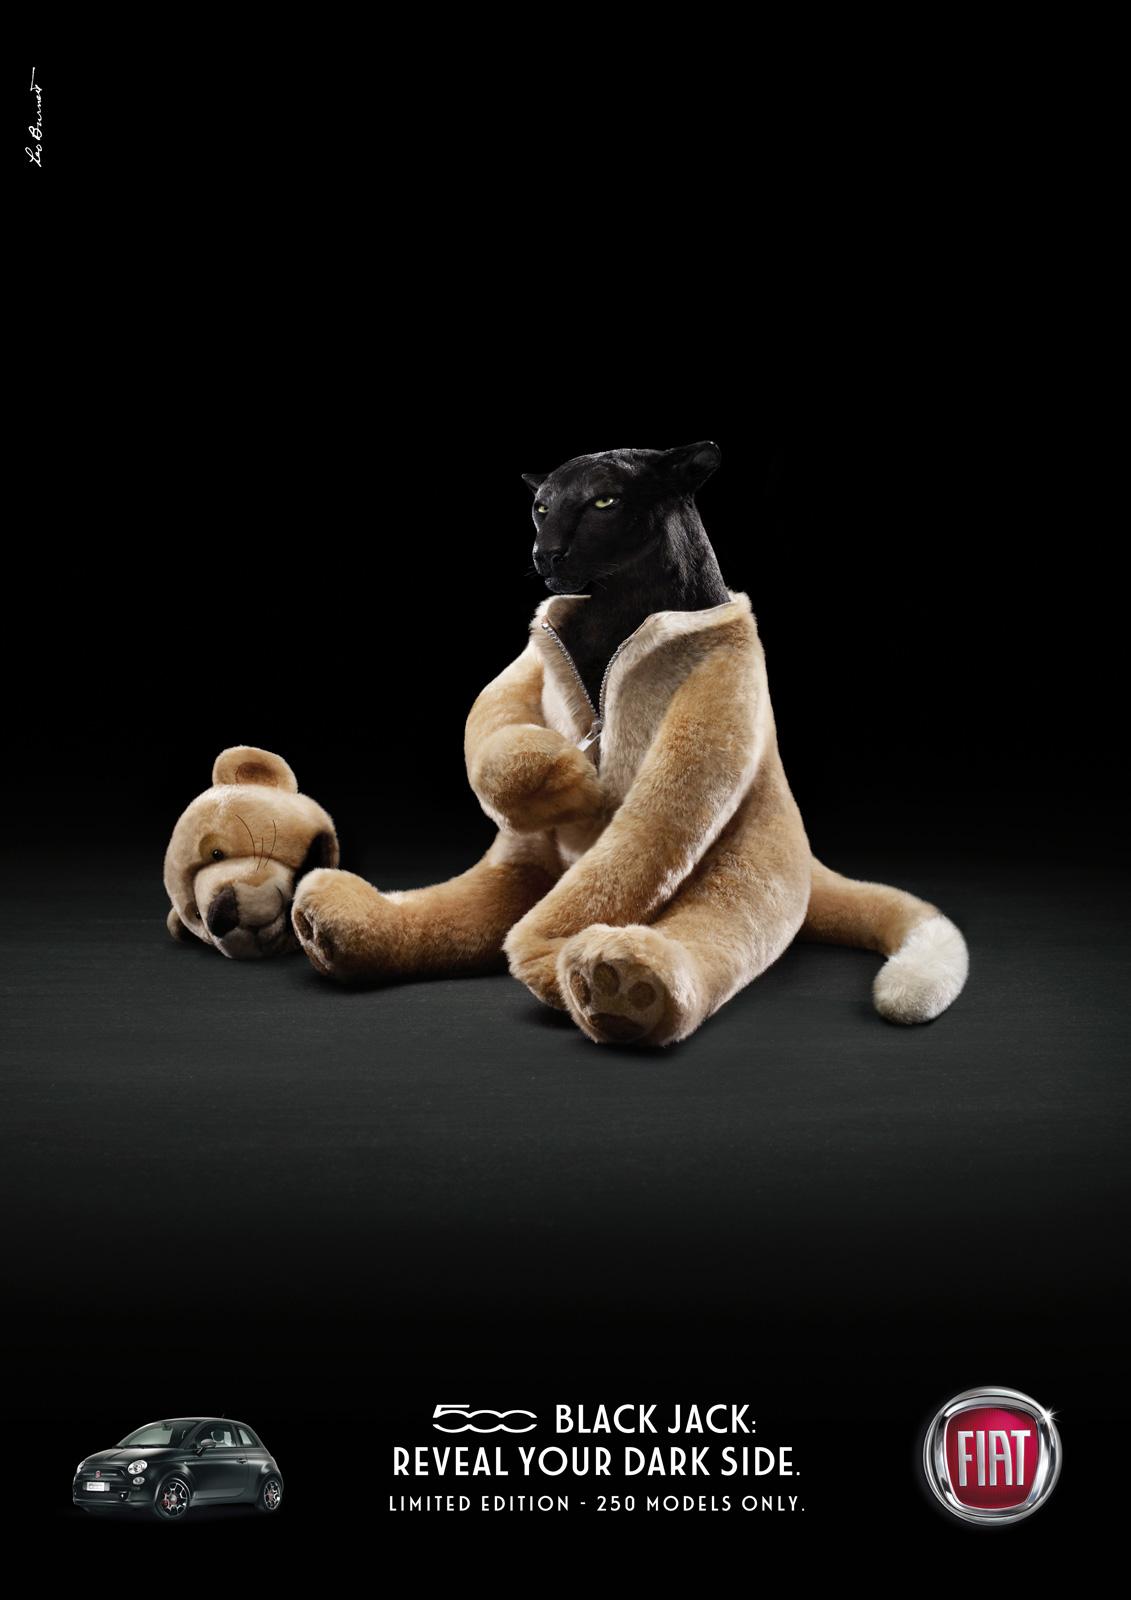 http://3.bp.blogspot.com/_JGgzOkYhIb0/TRimvwGBNSI/AAAAAAAAHss/1QRSc_ft0pU/s1600/fiat-500-black-panther.jpg